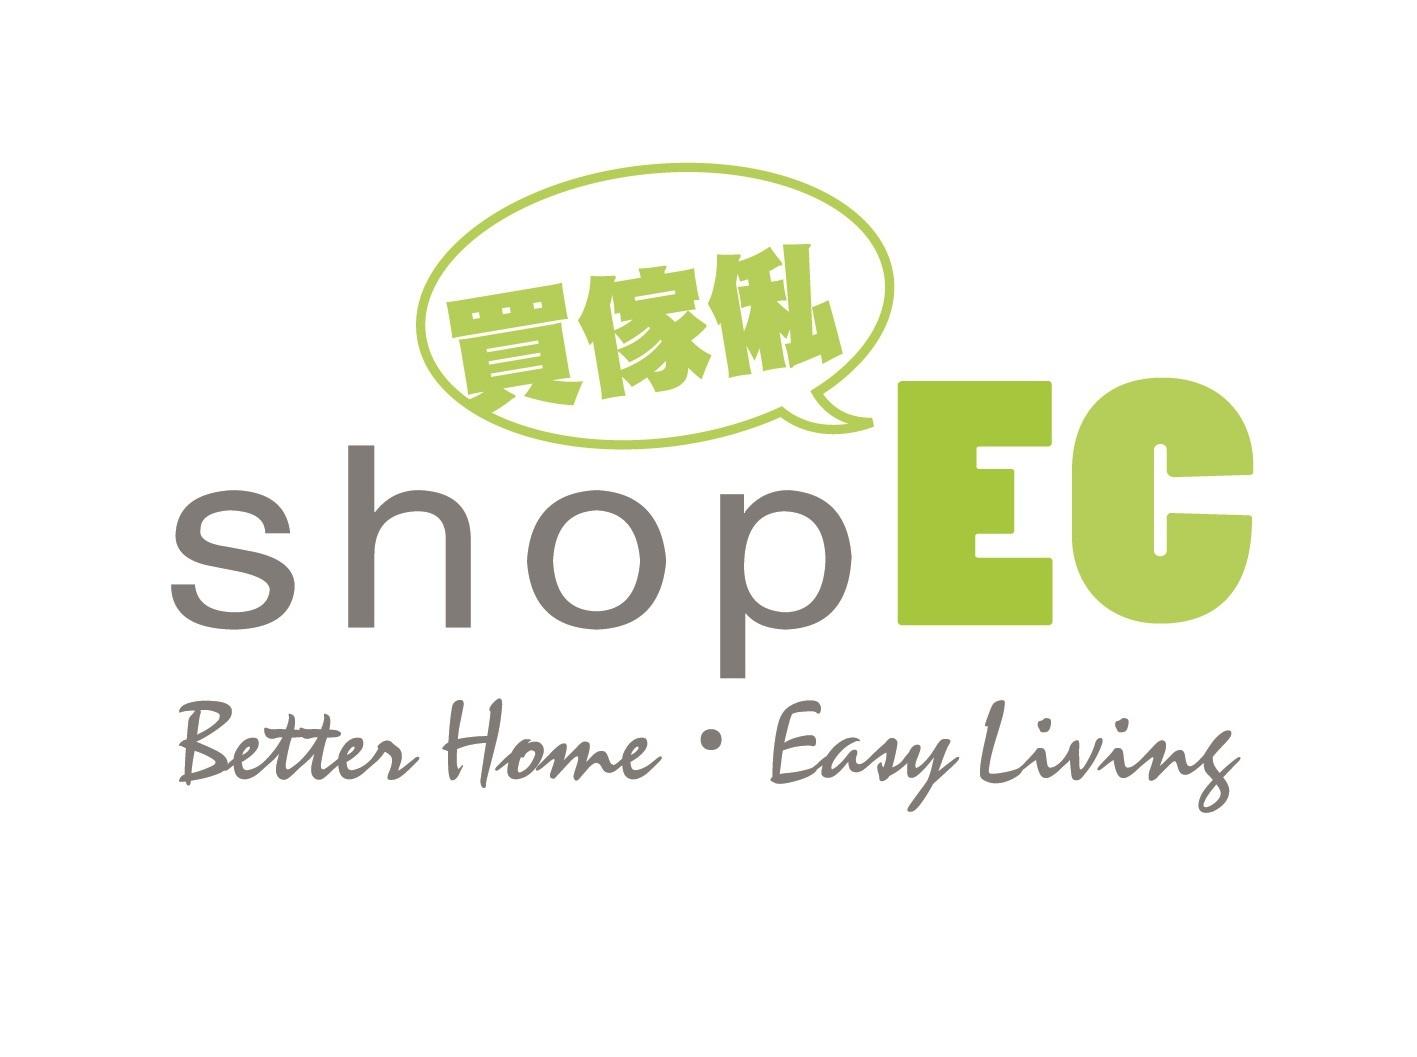 shopec.com.hk favicon